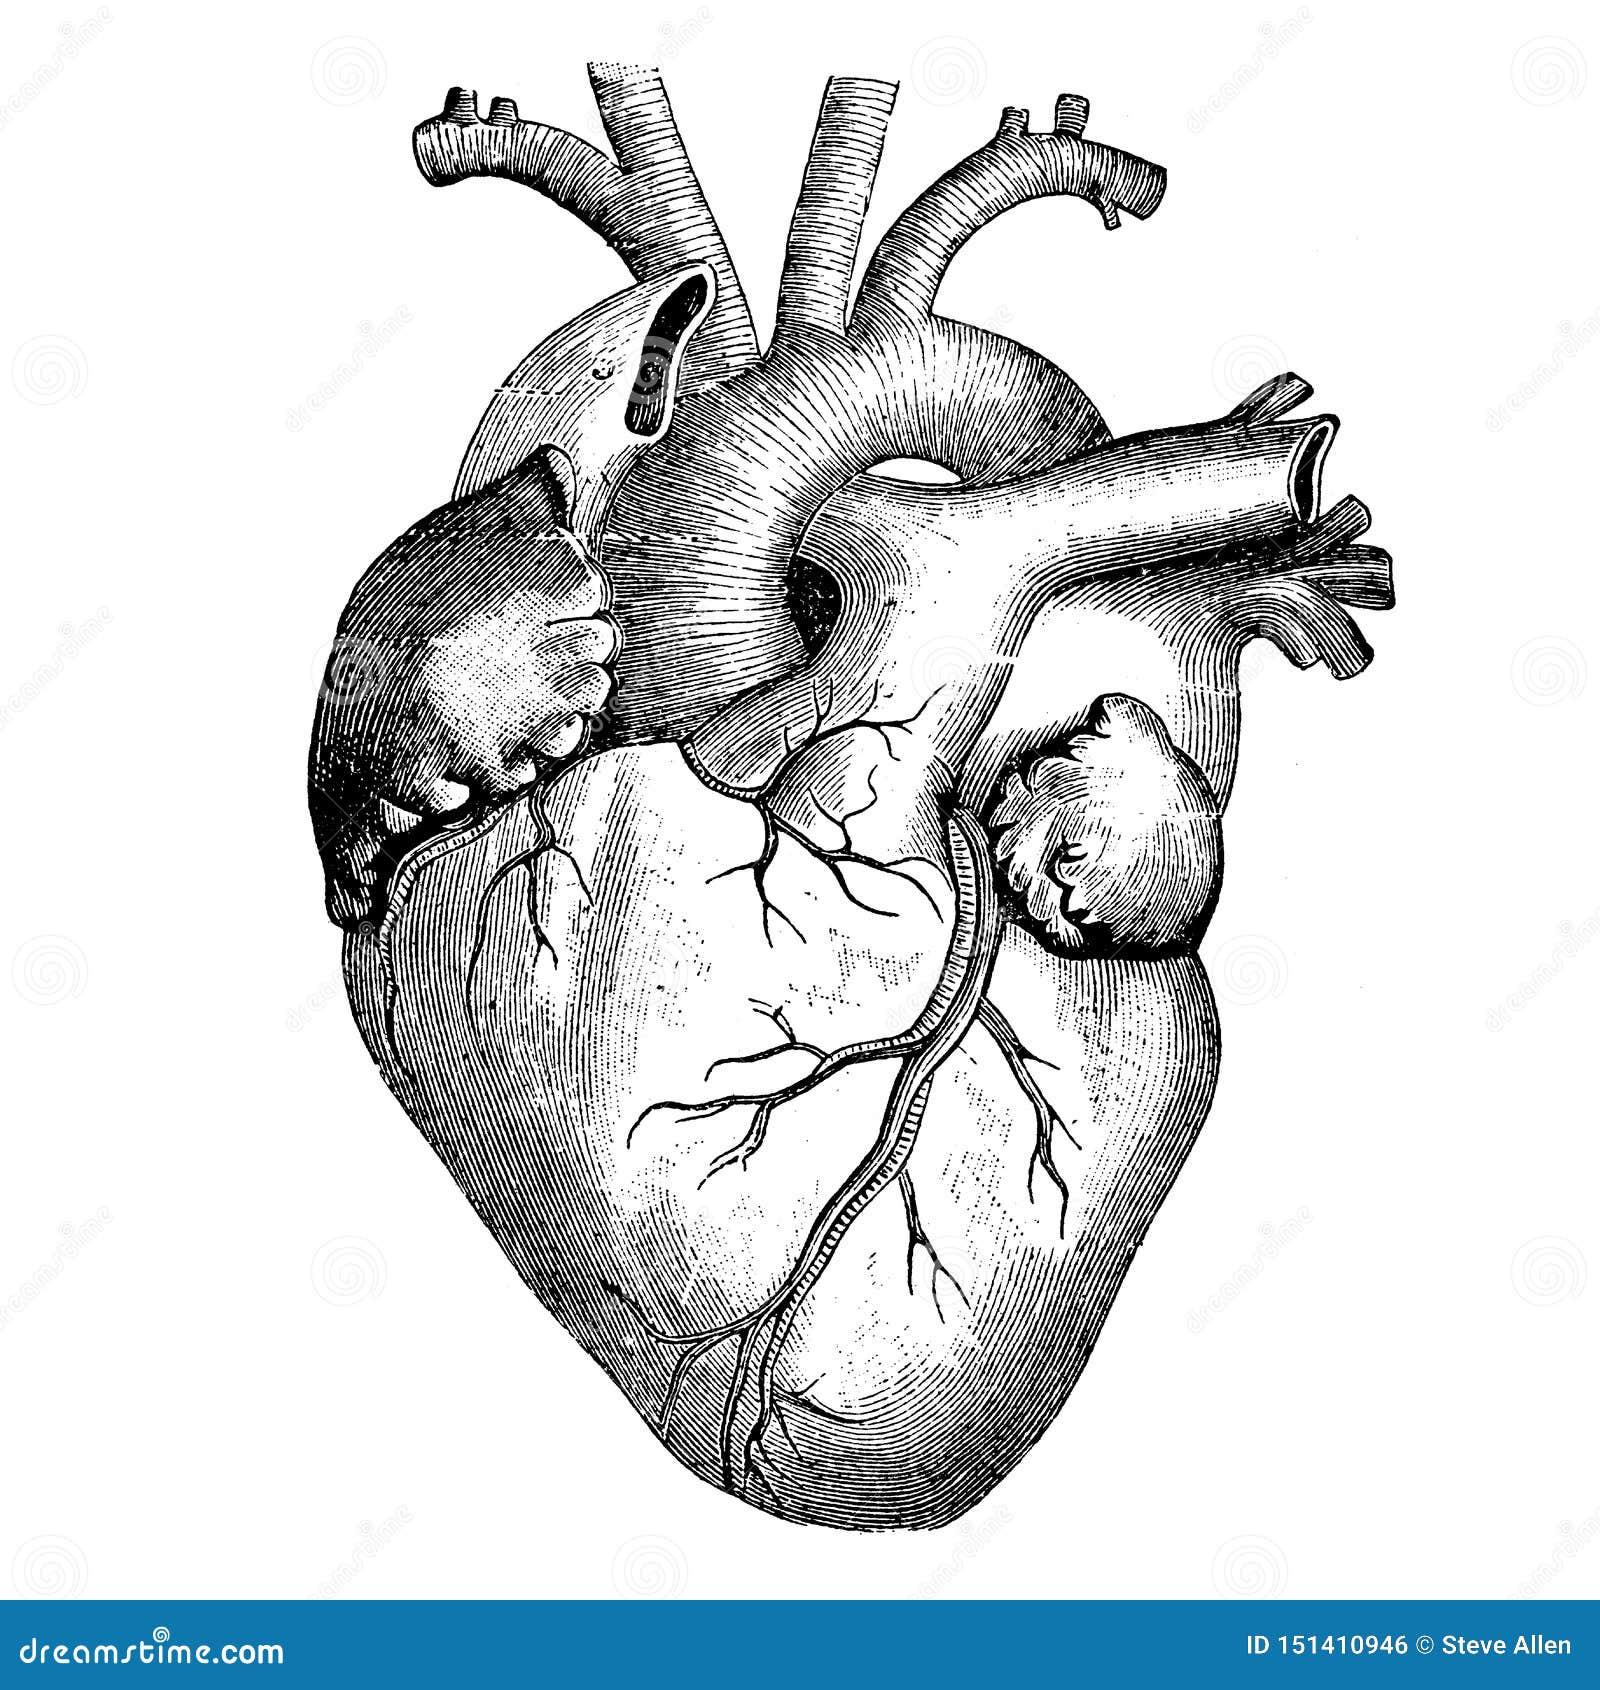 Medizin - Das Menschliche Herz - Viktorianische